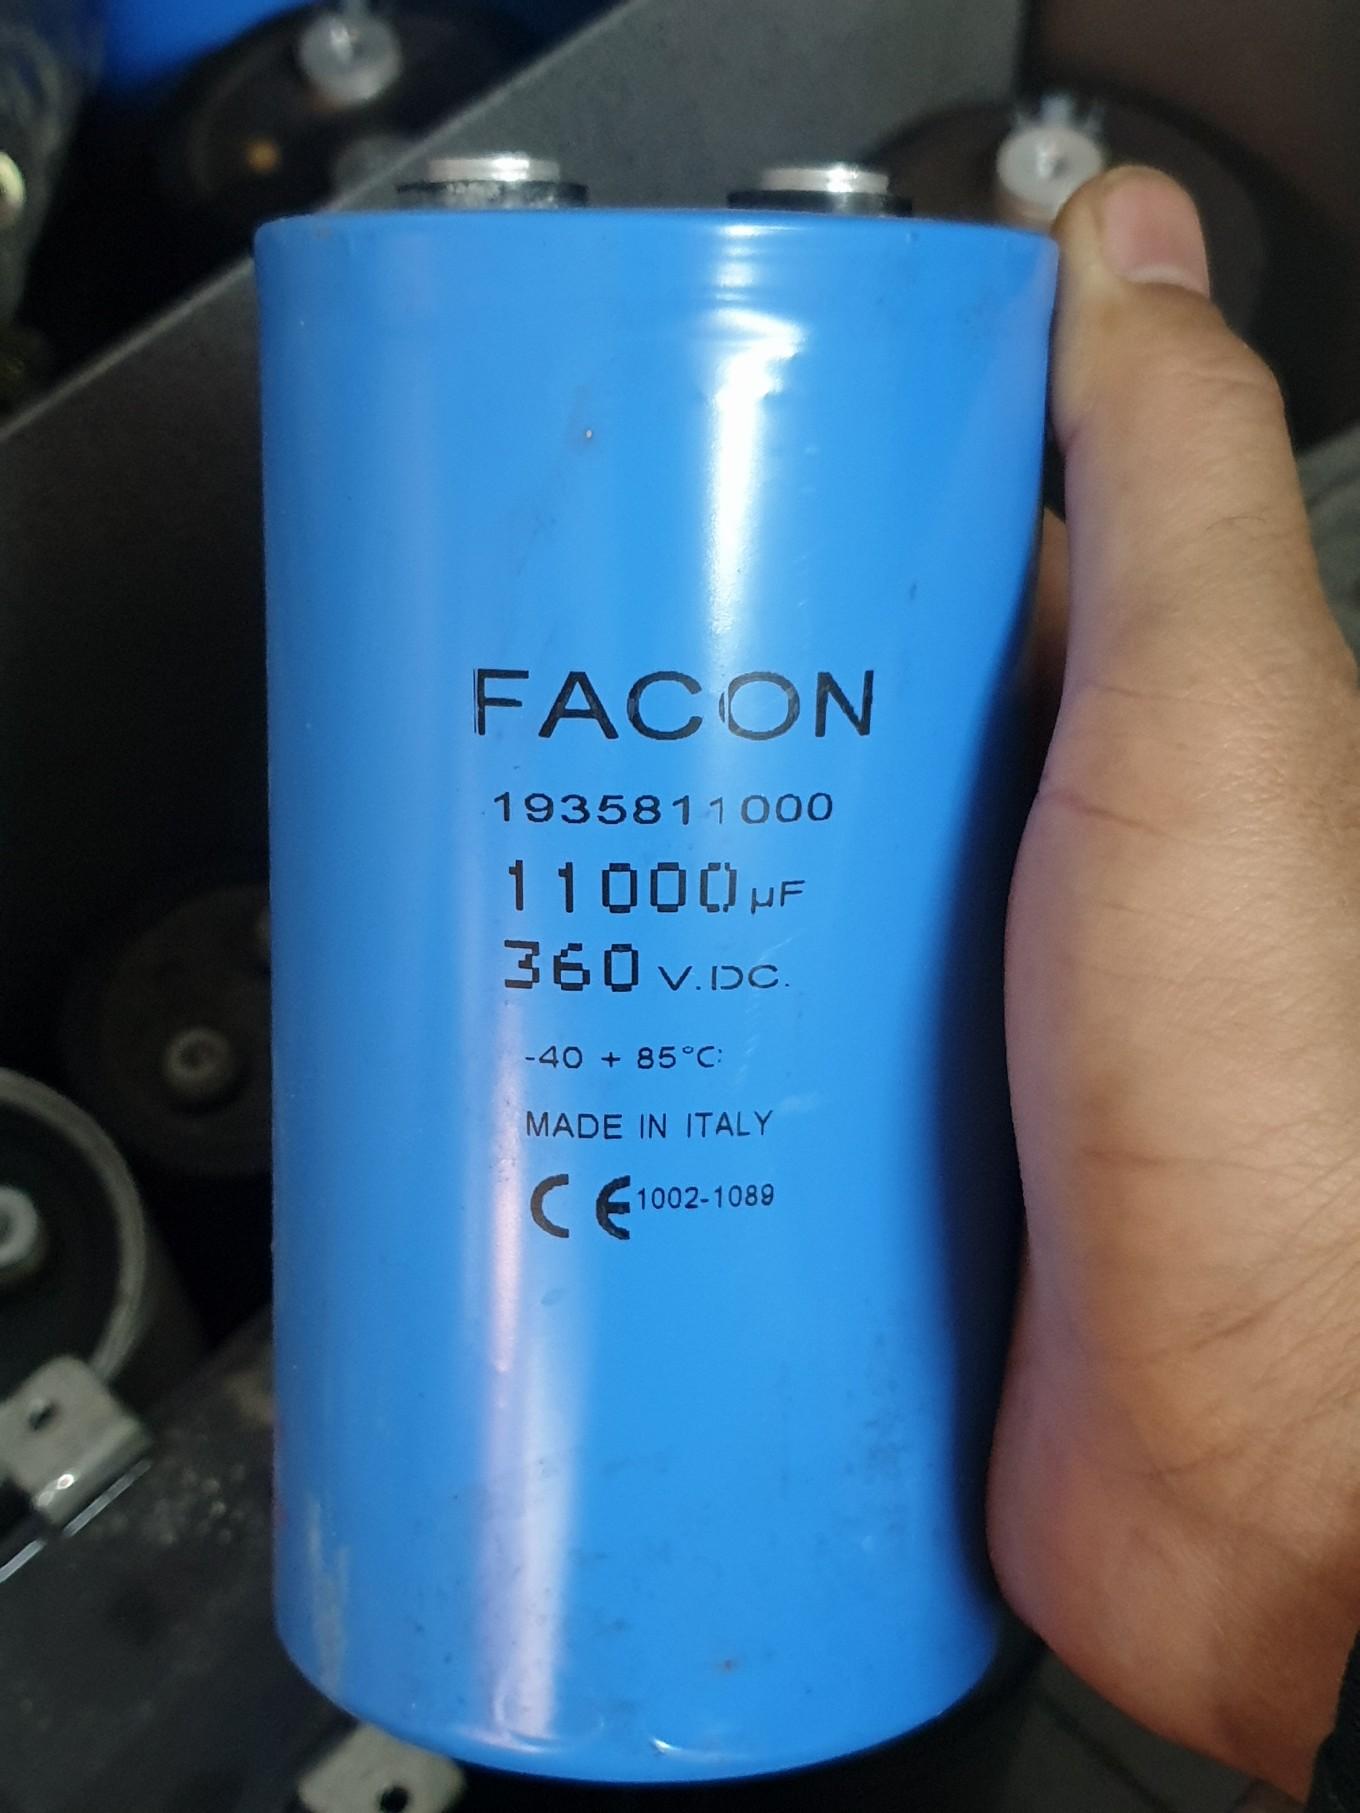 tu-11000uf-360v-facon